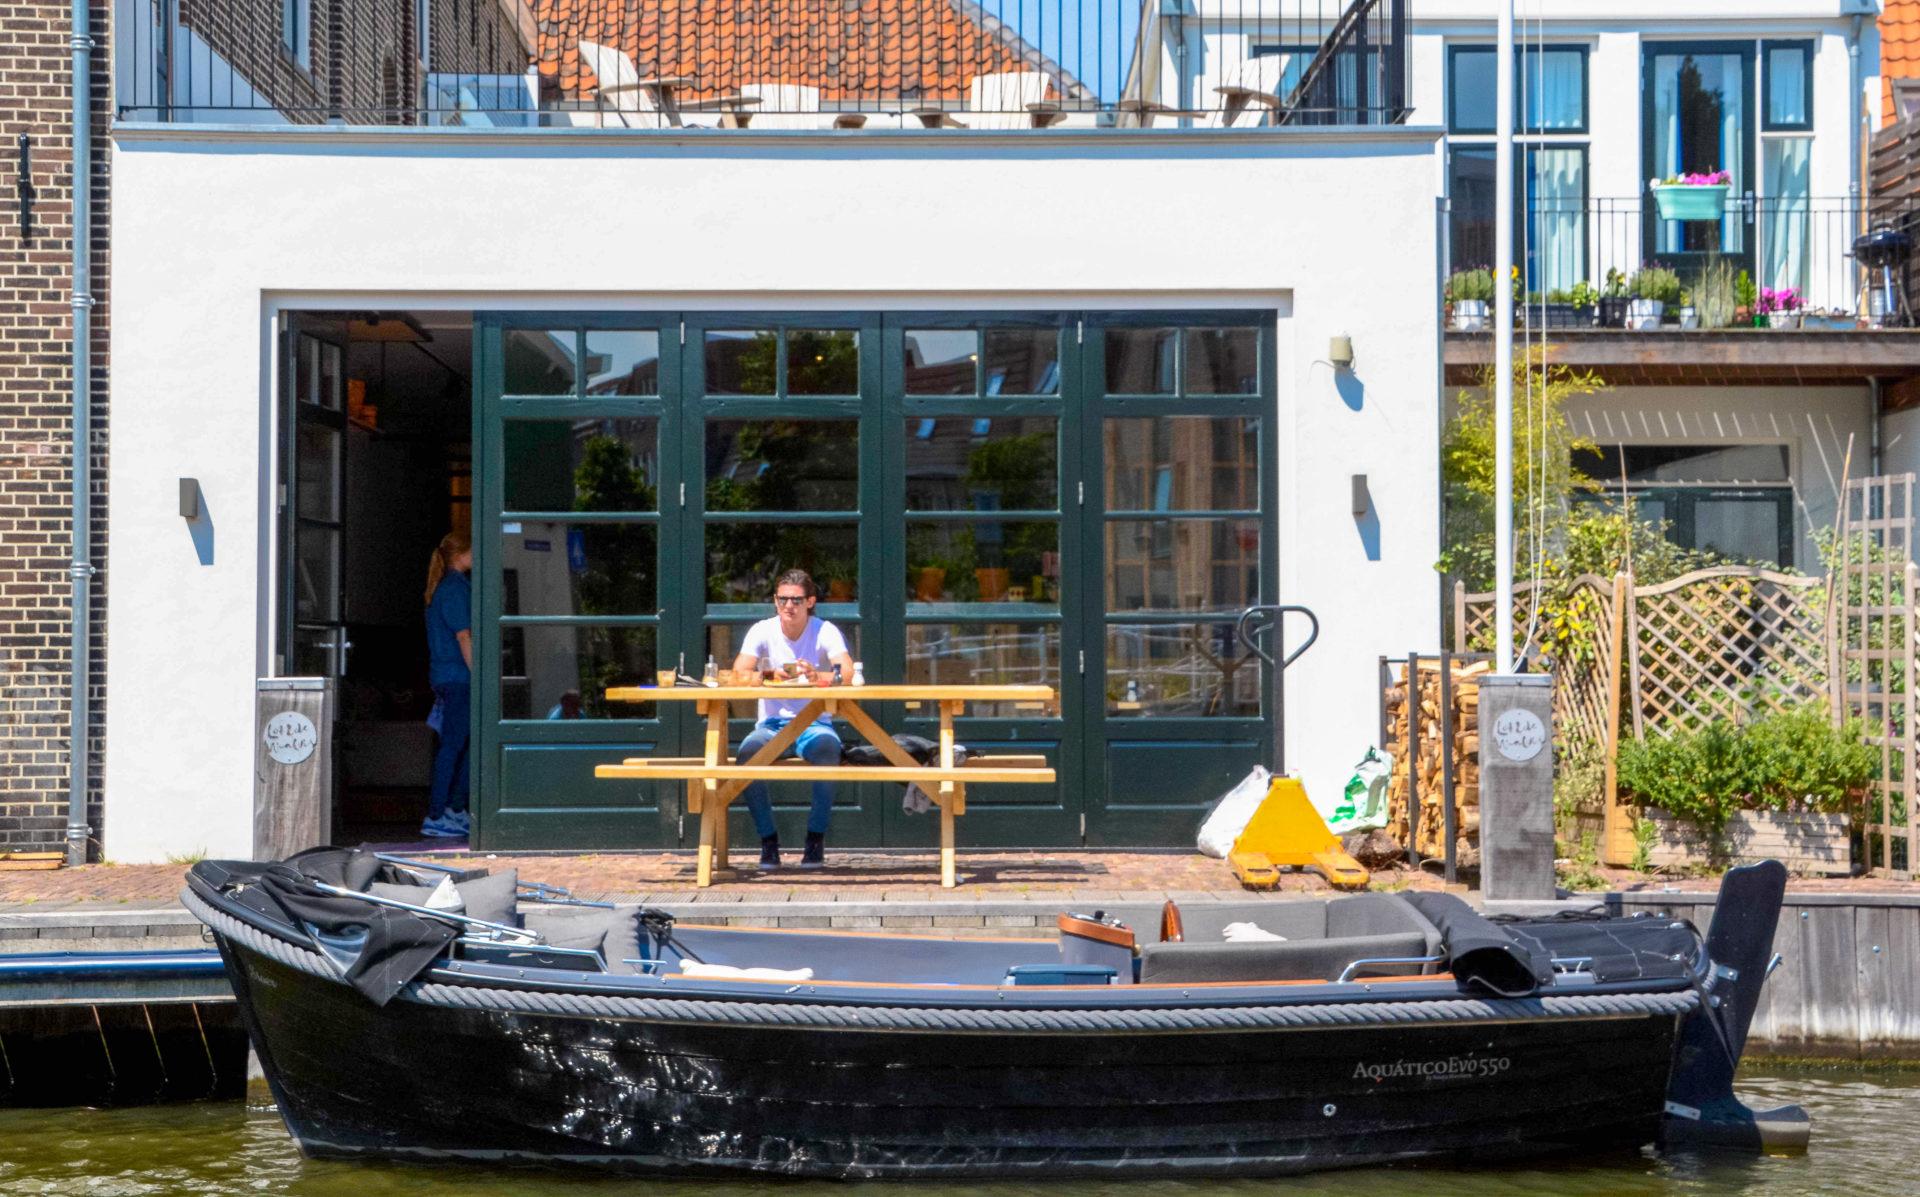 Eine Grachtenrundfahrt gehört zu den reizvollsten Attraktionen beim Stadturlaub in Leiden